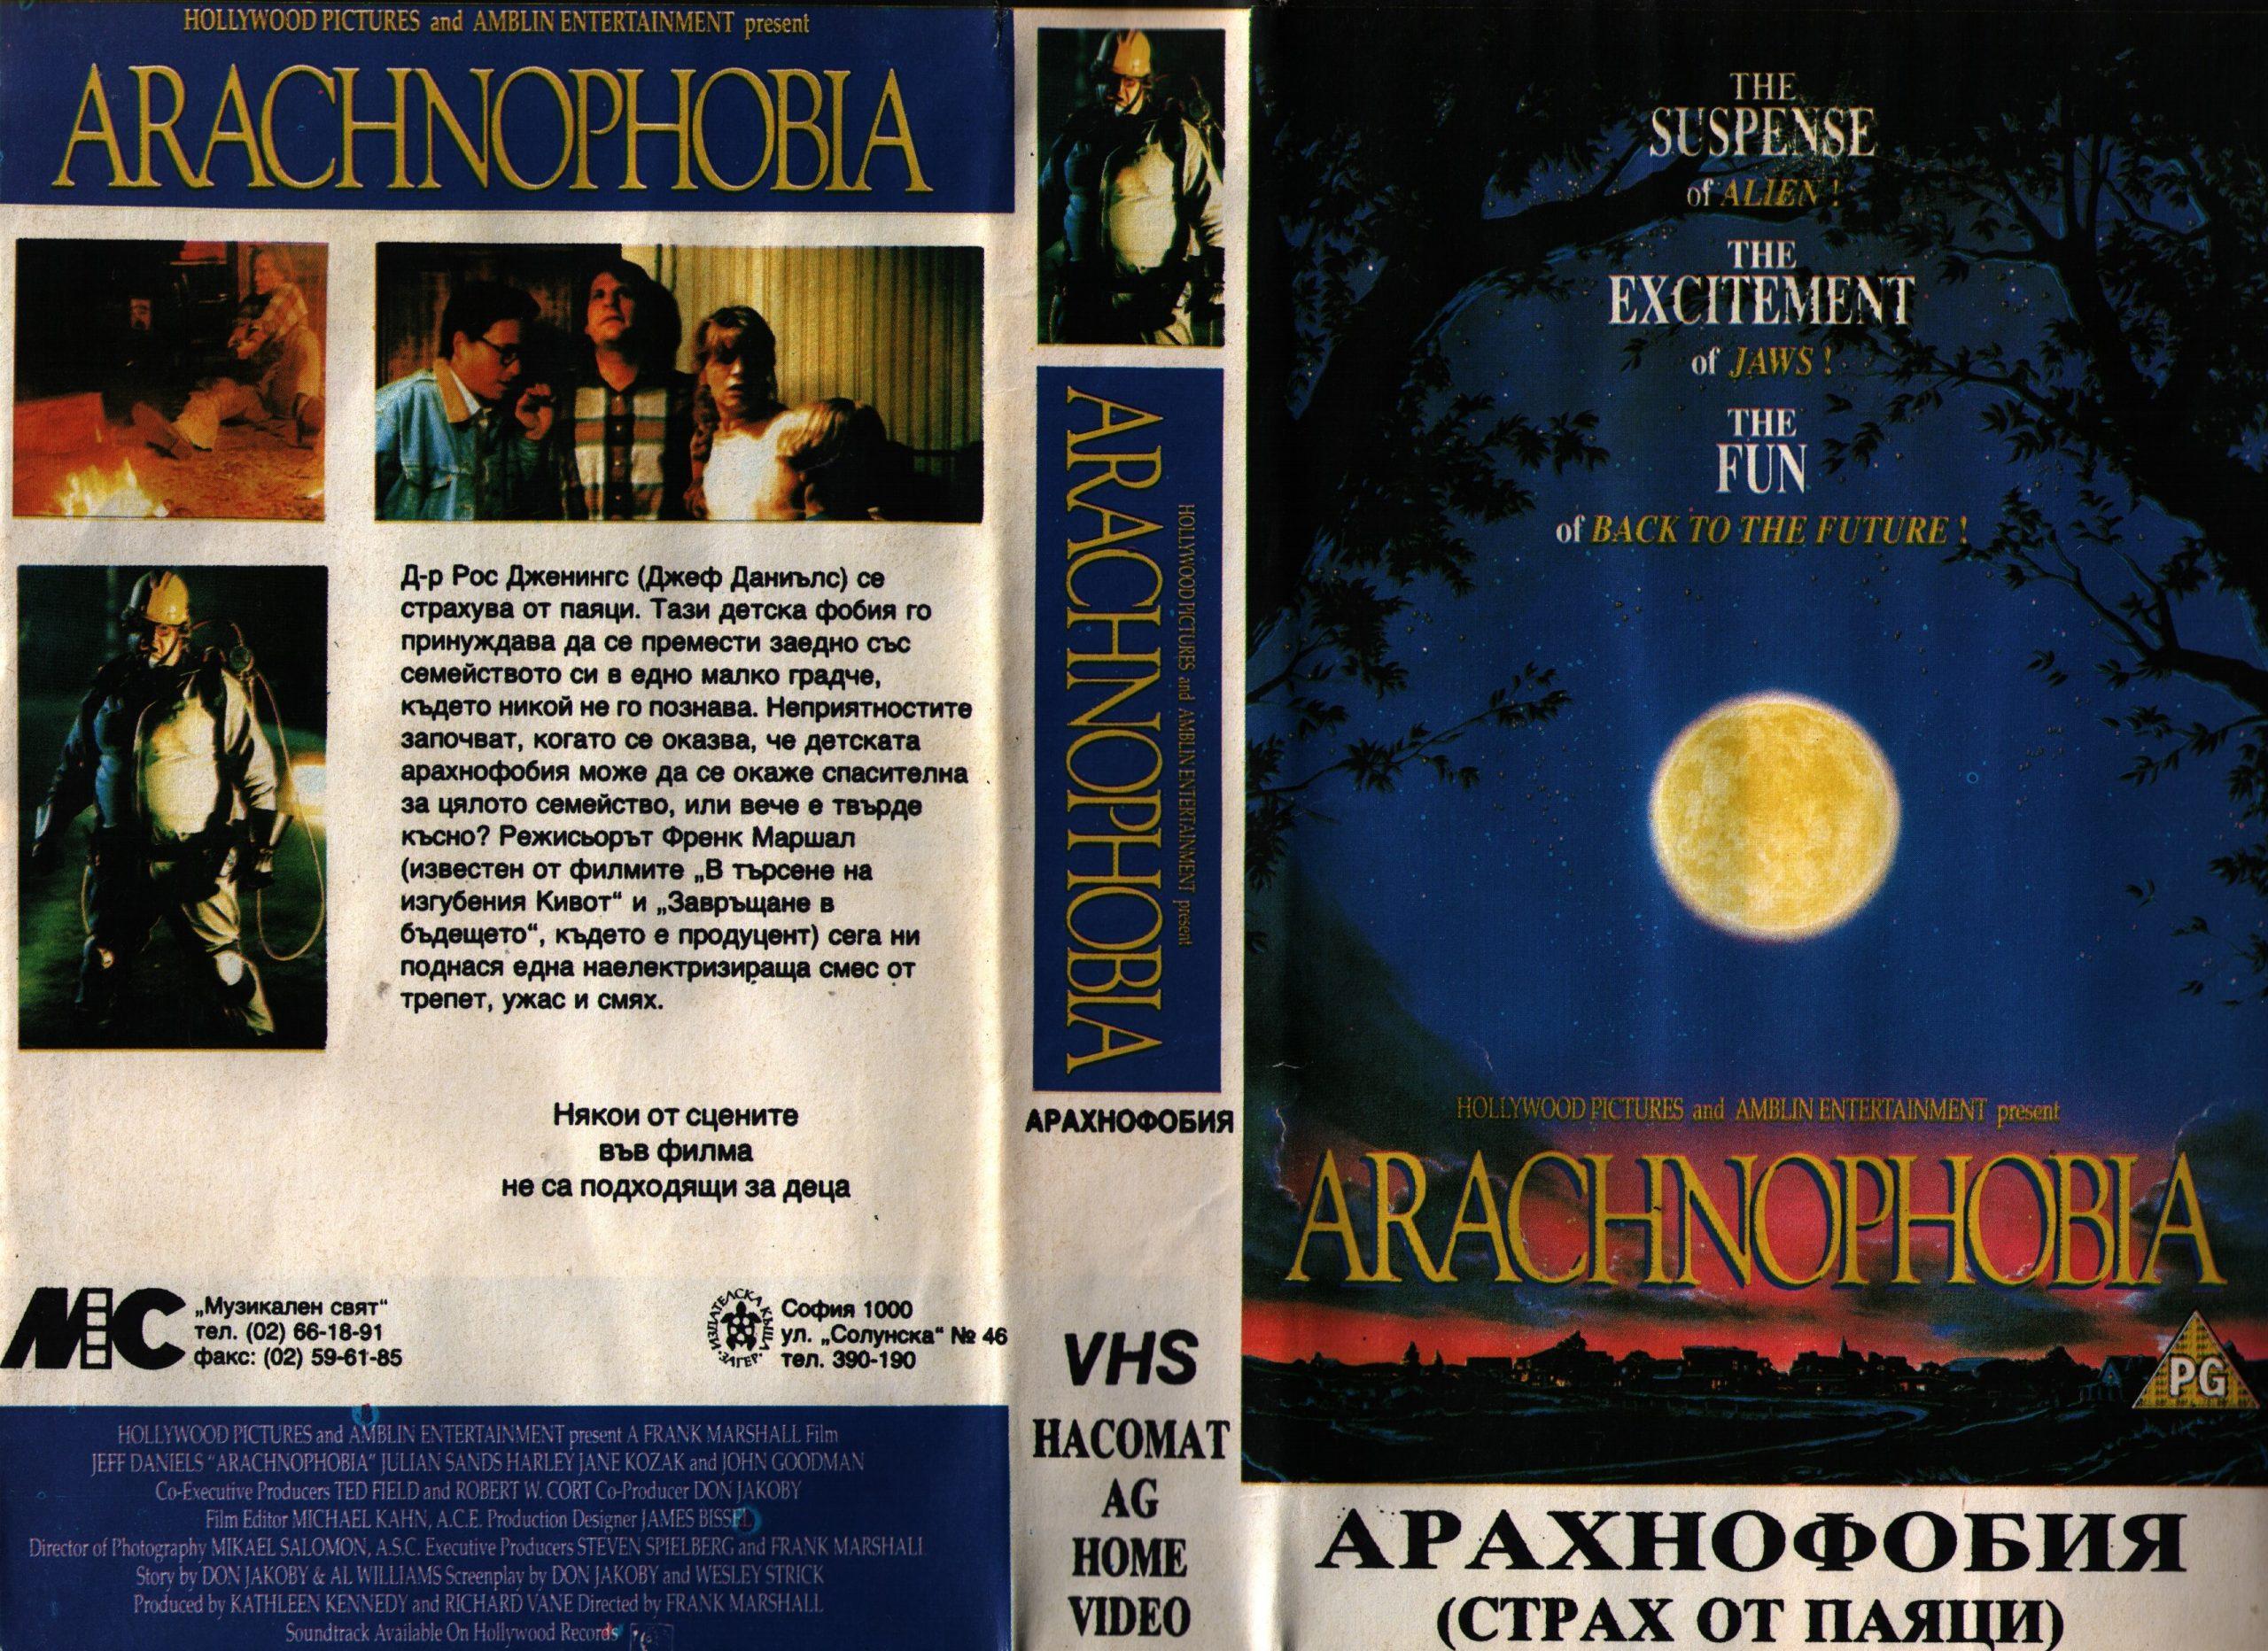 Арахнофобия